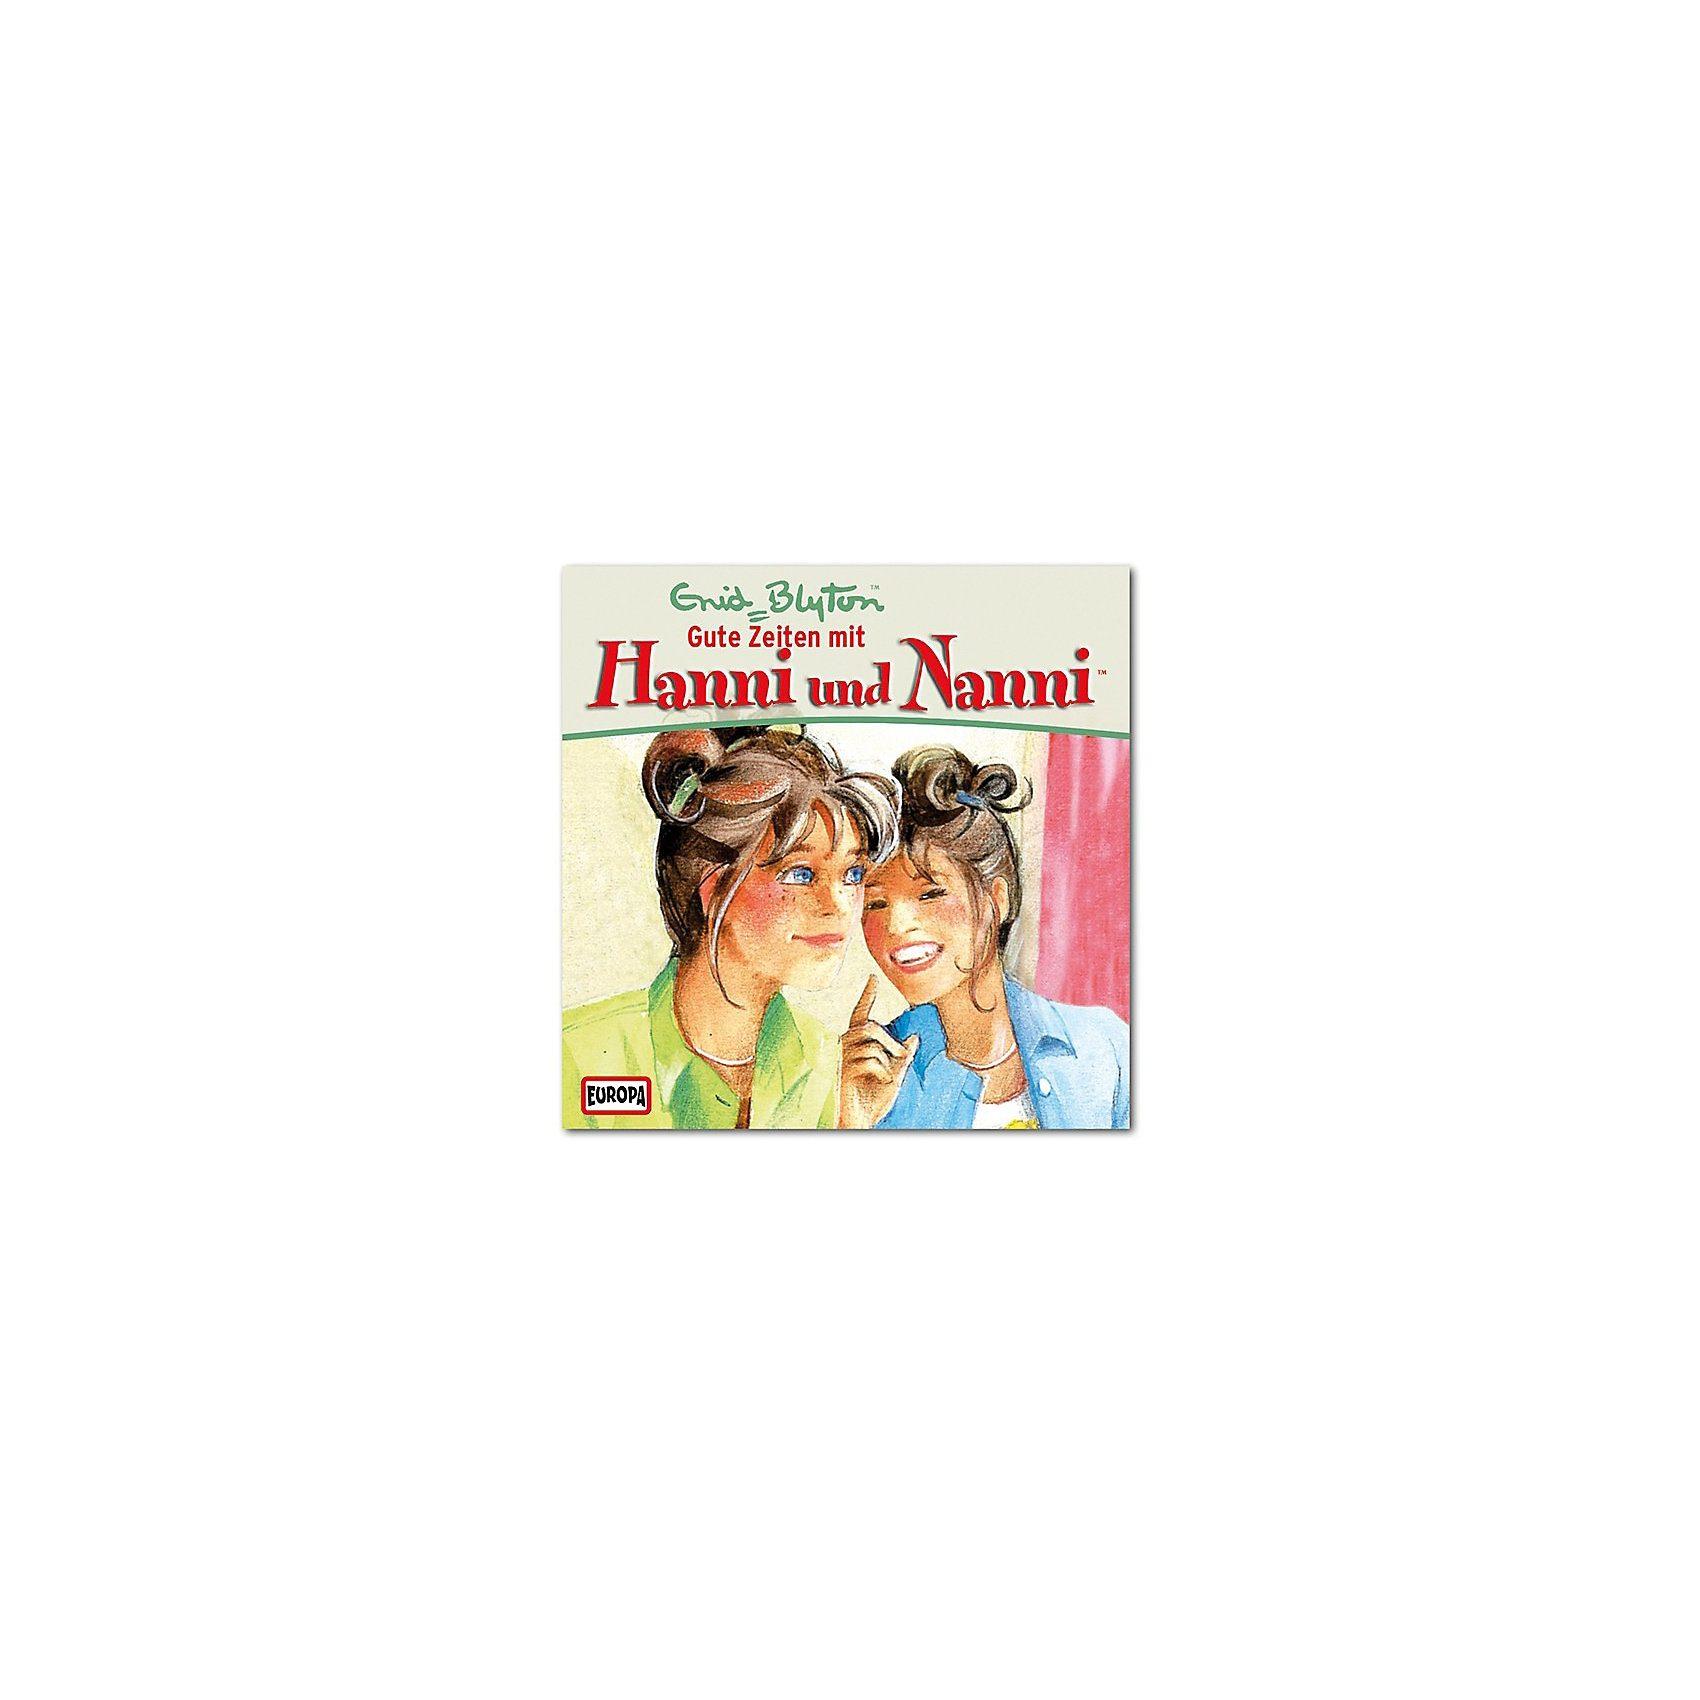 Sony CD Hanni & Nanni 22 - Gute Zeiten mit Hanni und Nanni